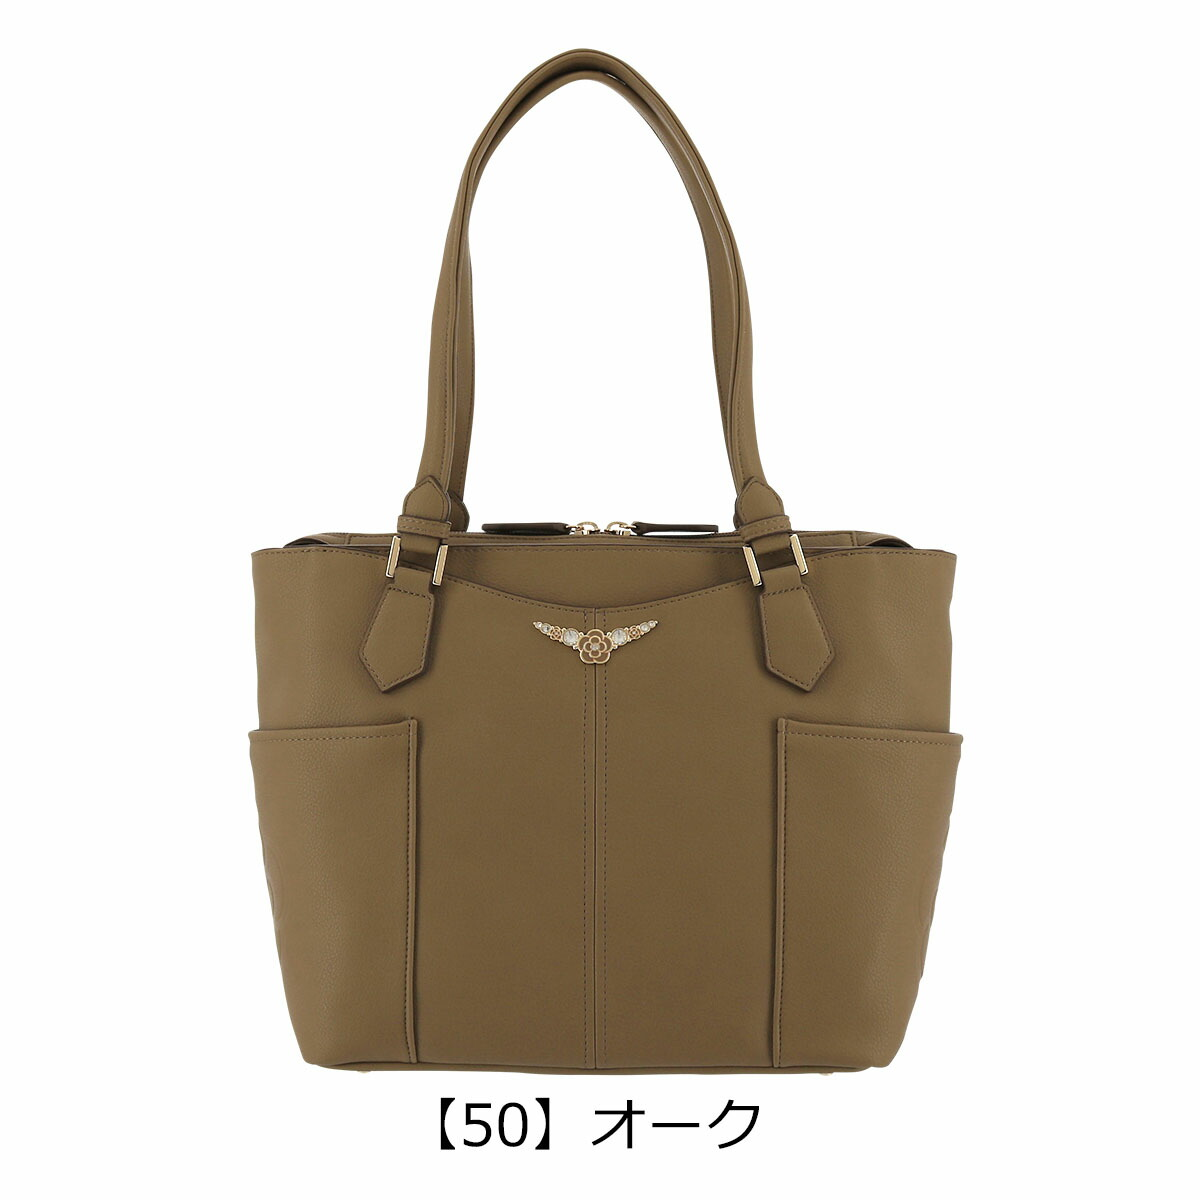 【50】オーク